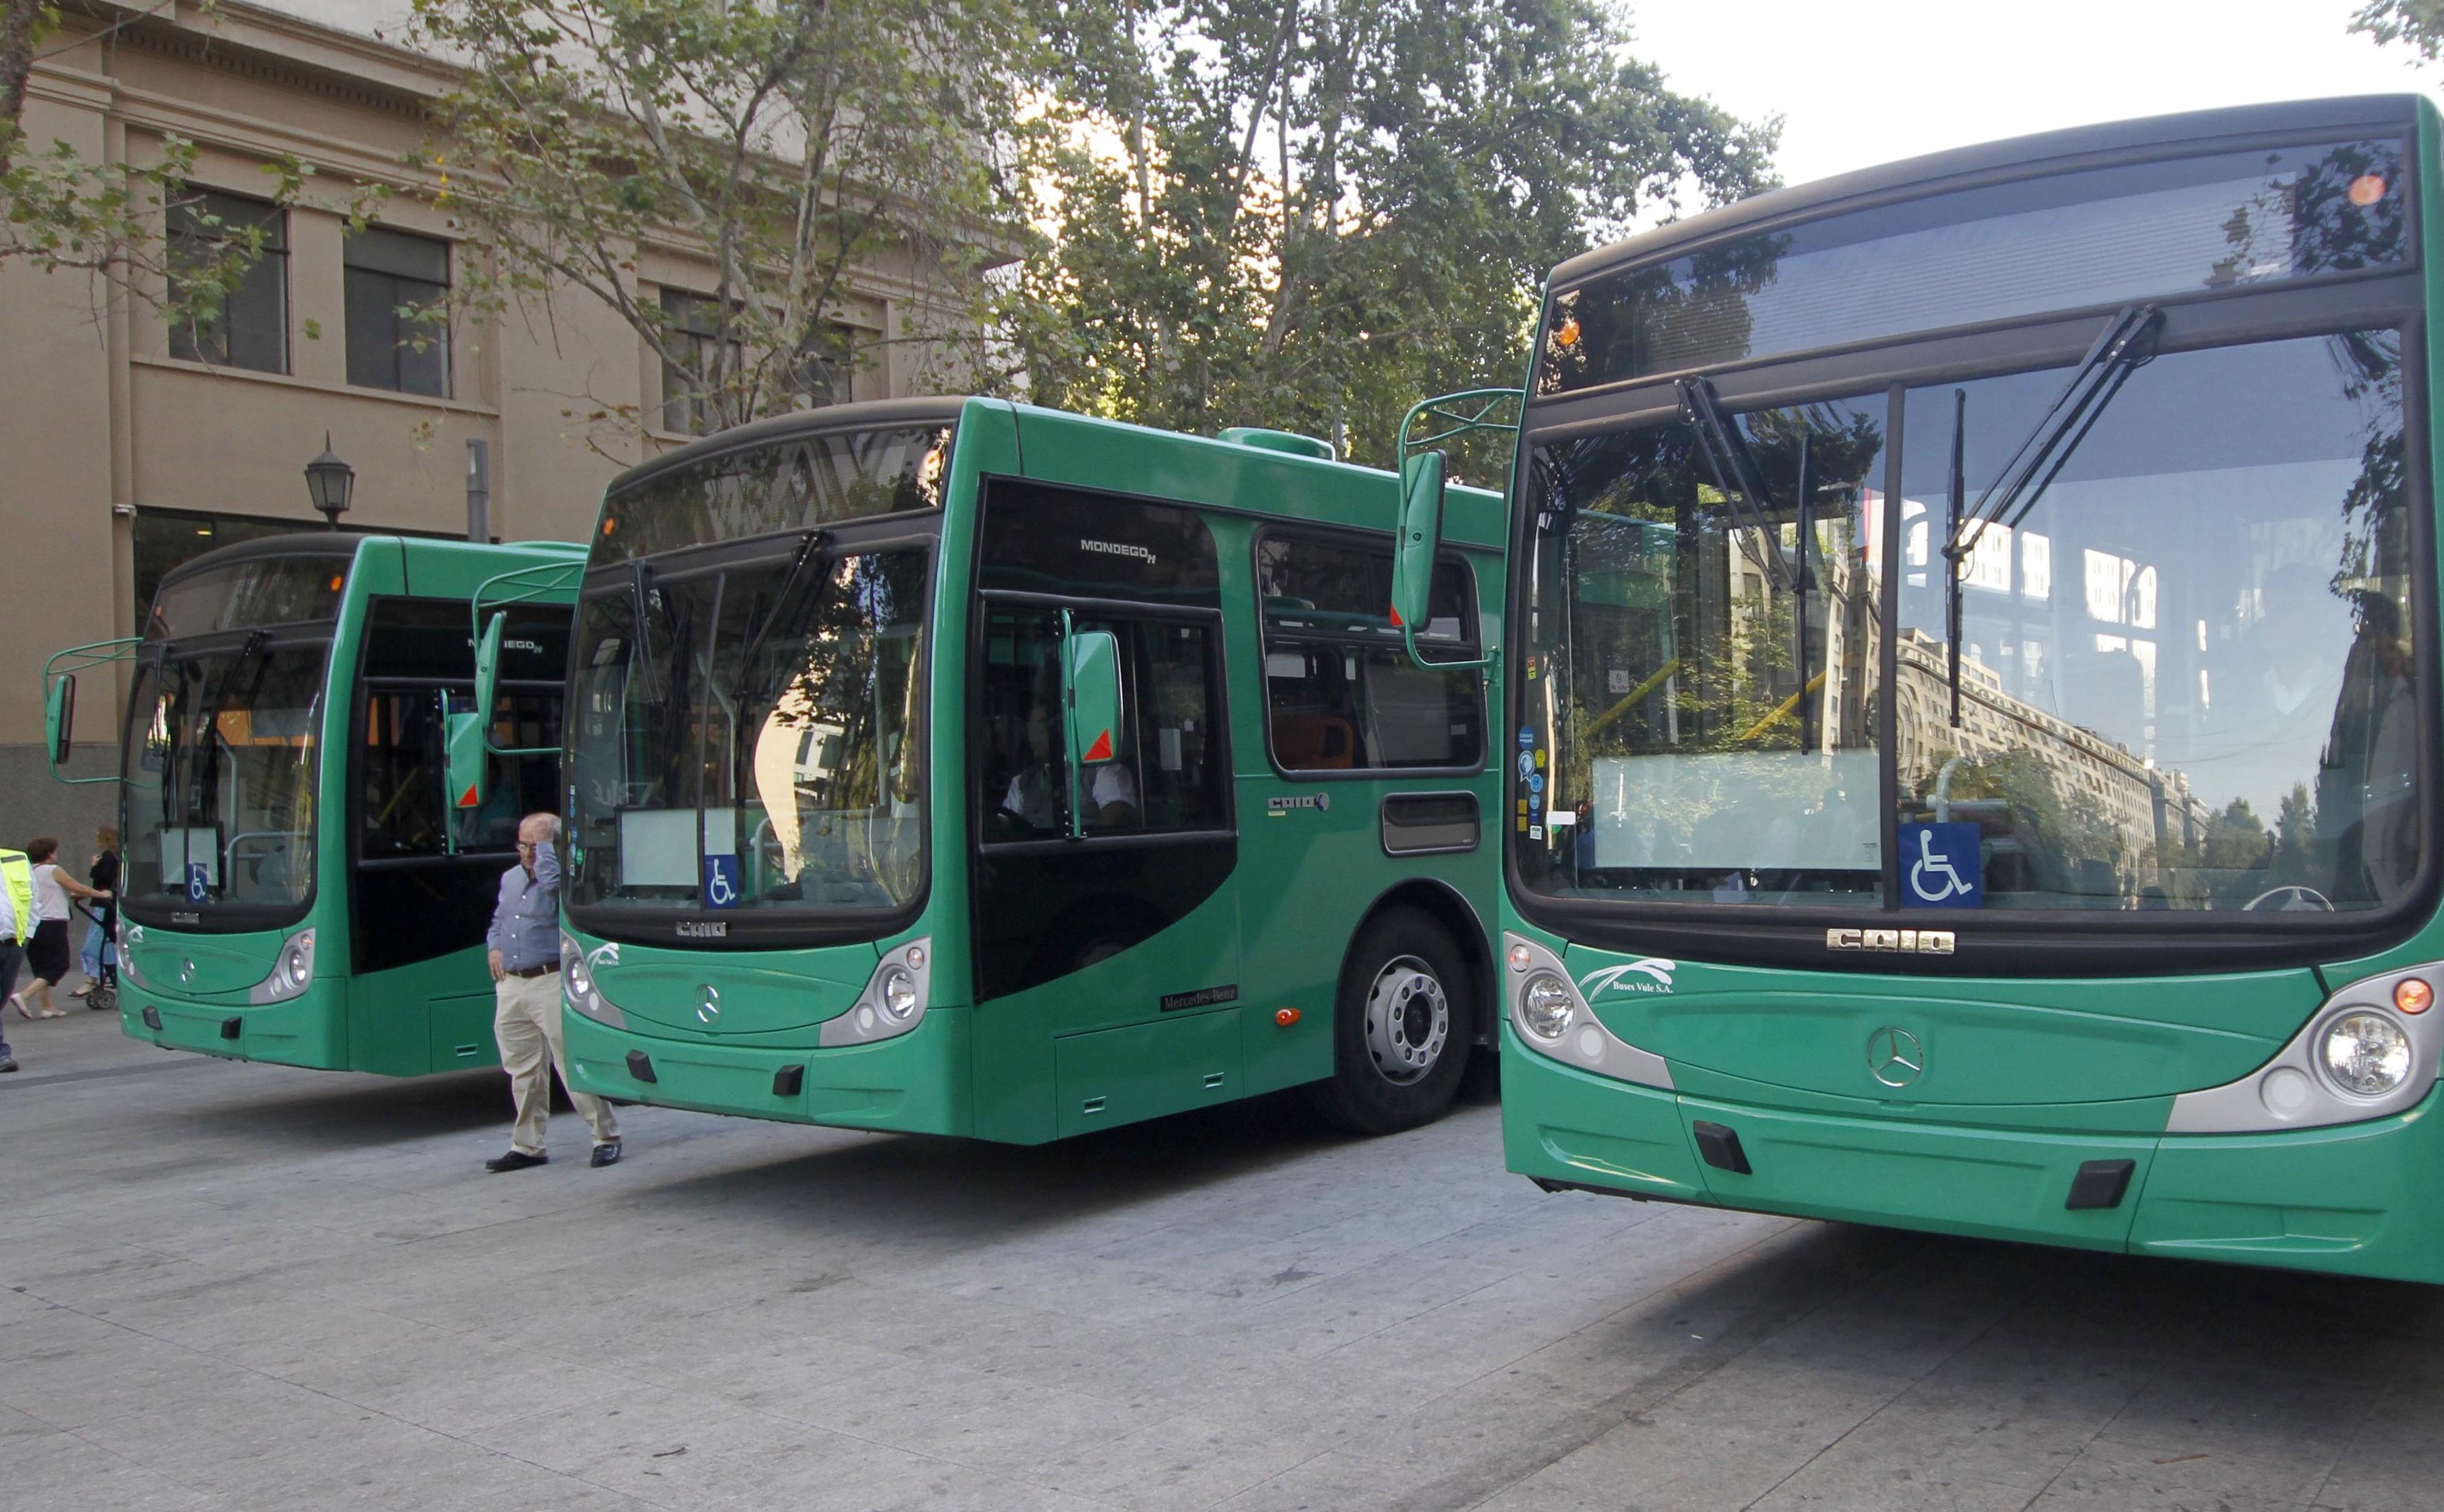 Diez años del Transantiago: buses en la calle, extensas jornadas y el plan maestro que no fue